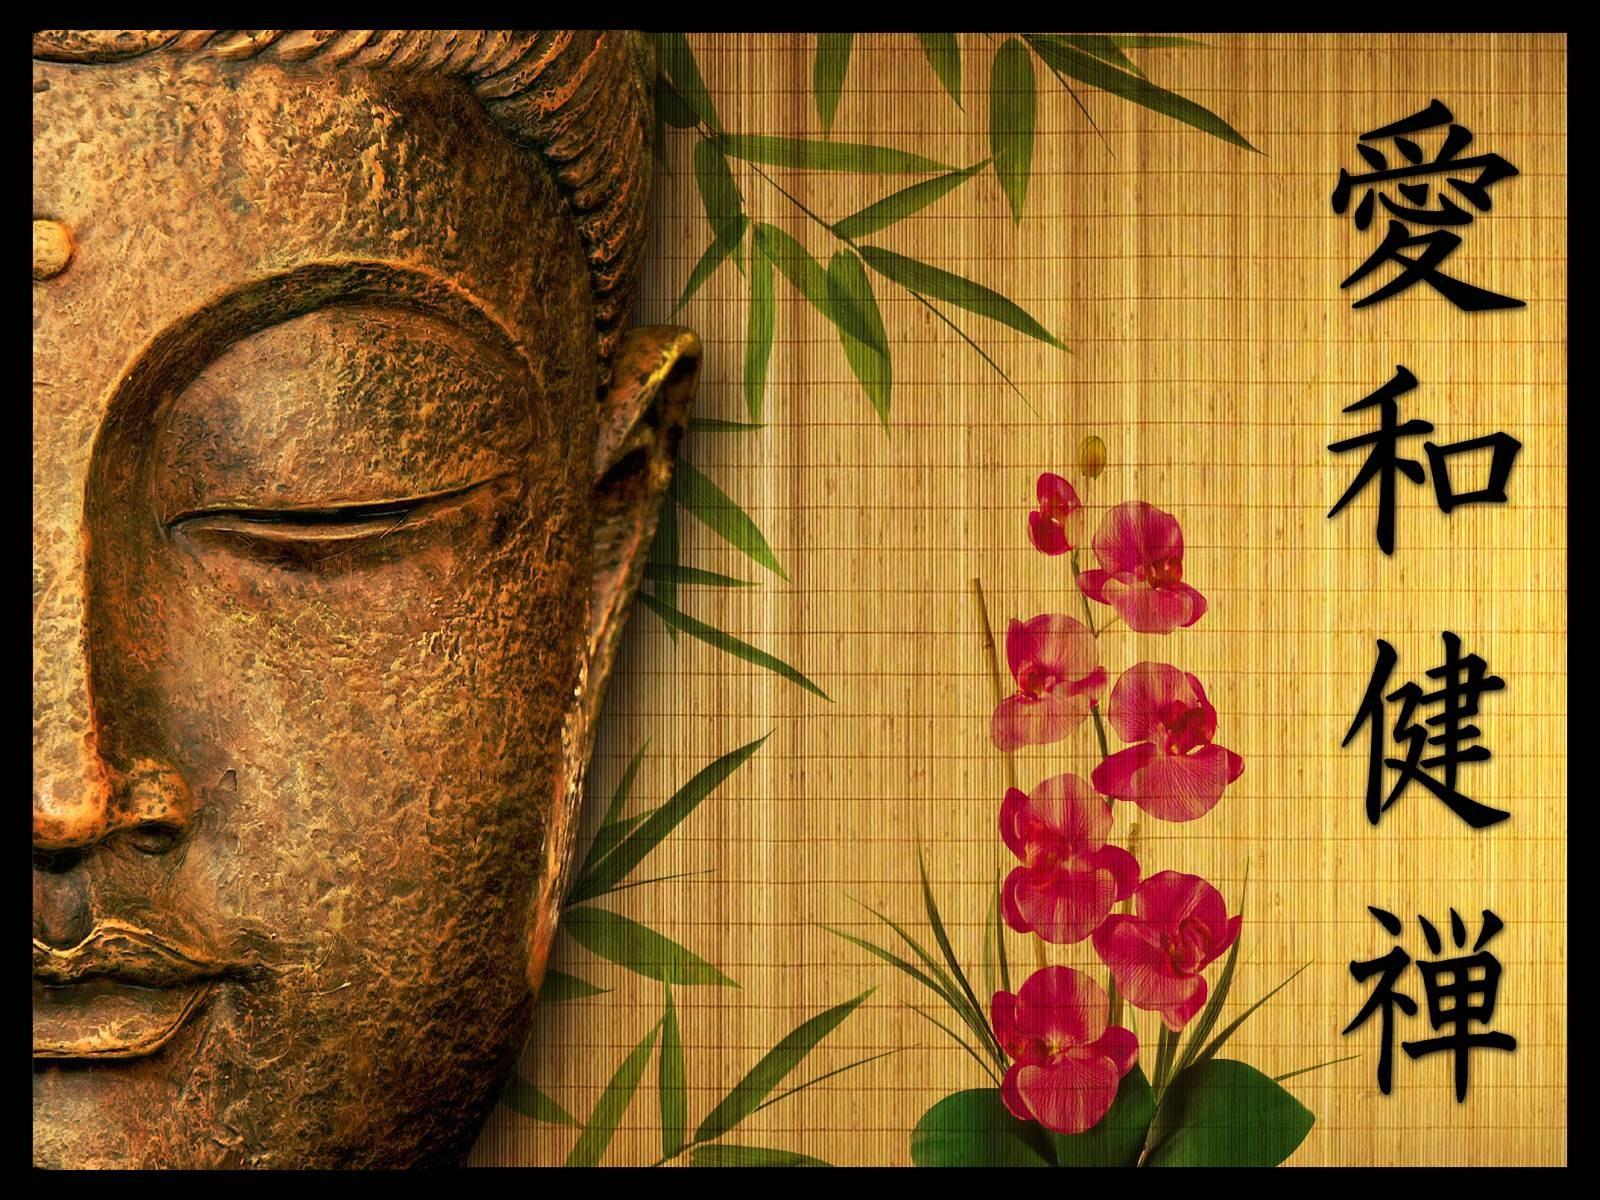 http://2.bp.blogspot.com/-CDmK8glI4BQ/TzOKdnGxzOI/AAAAAAAABms/T5bvqHUtYjQ/s1600/buddha-zen-style-i.74646.jpg